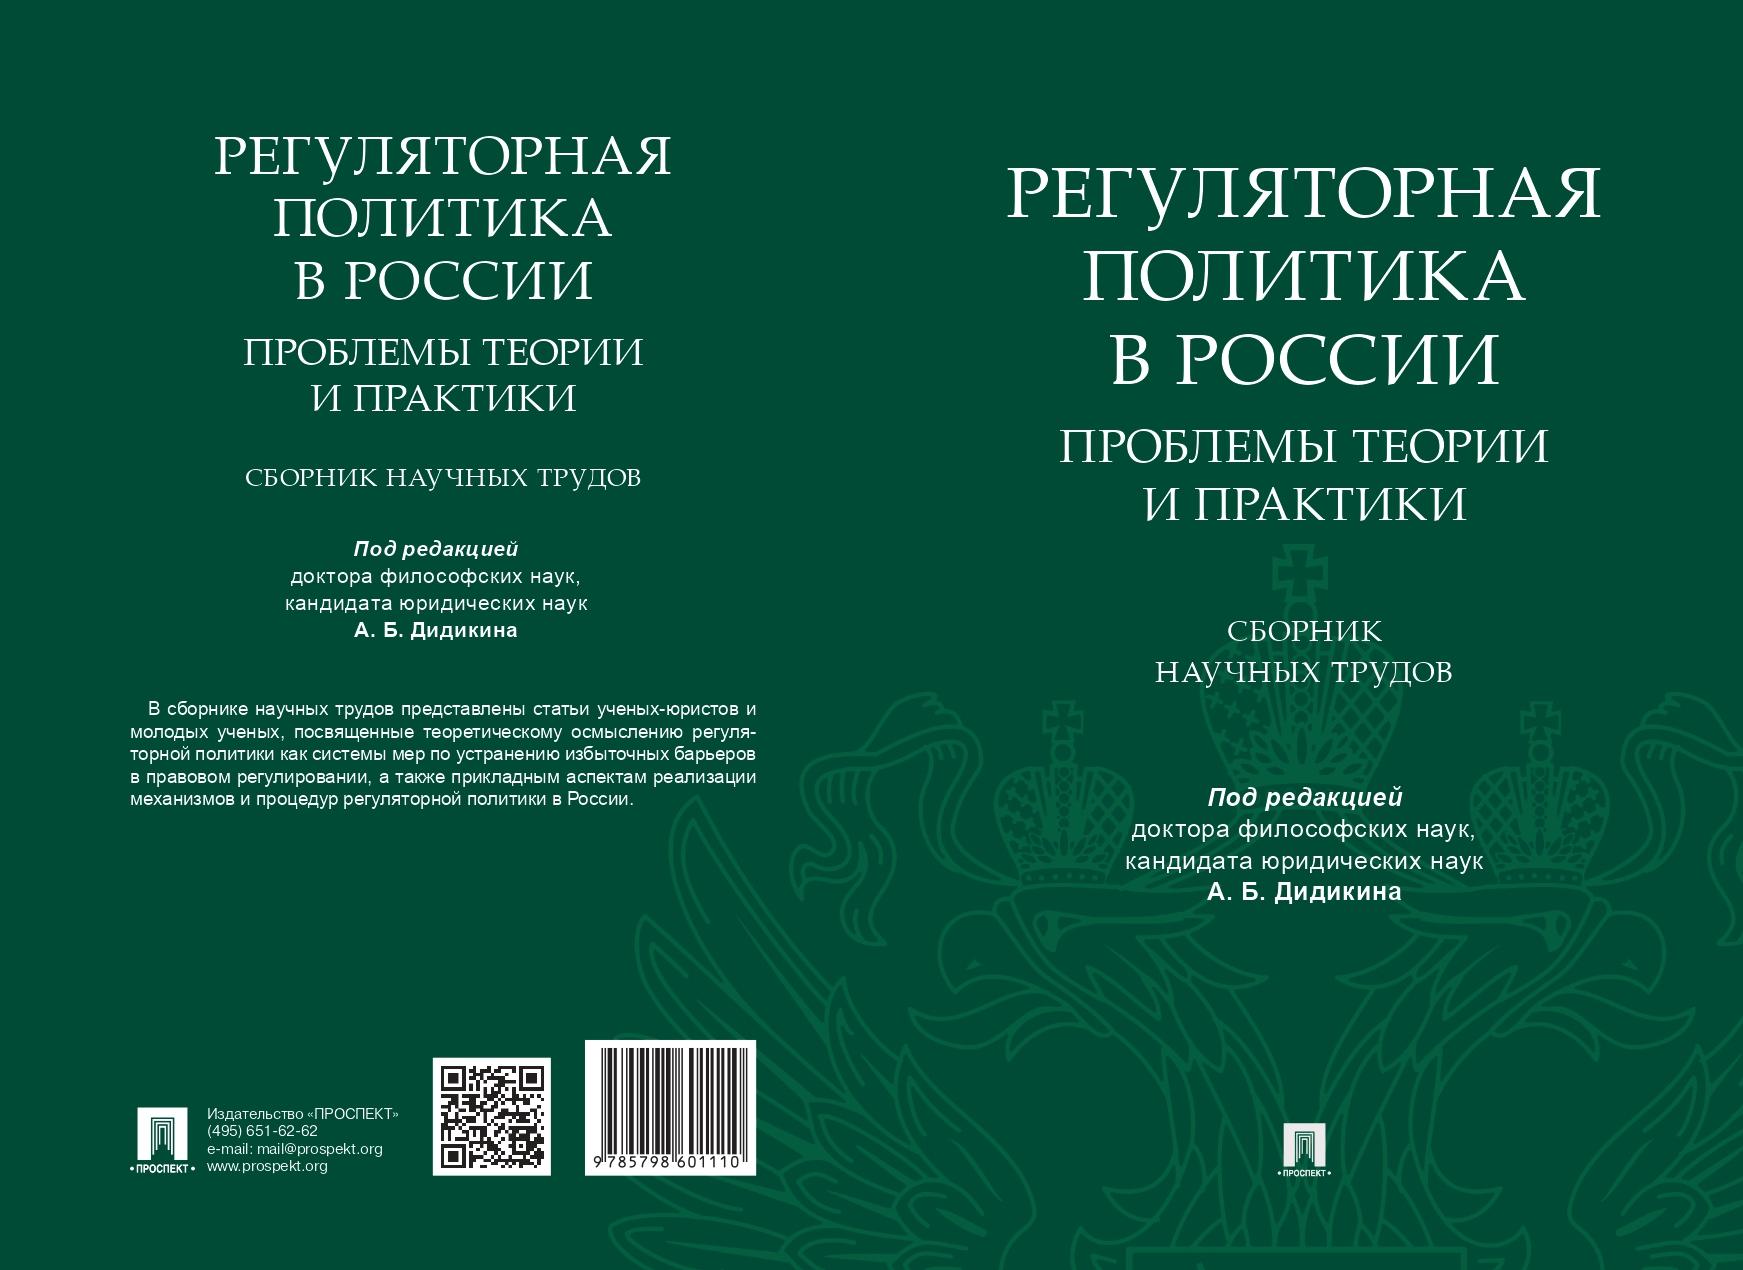 Регуляторная политика в России: проблемы теории и практики